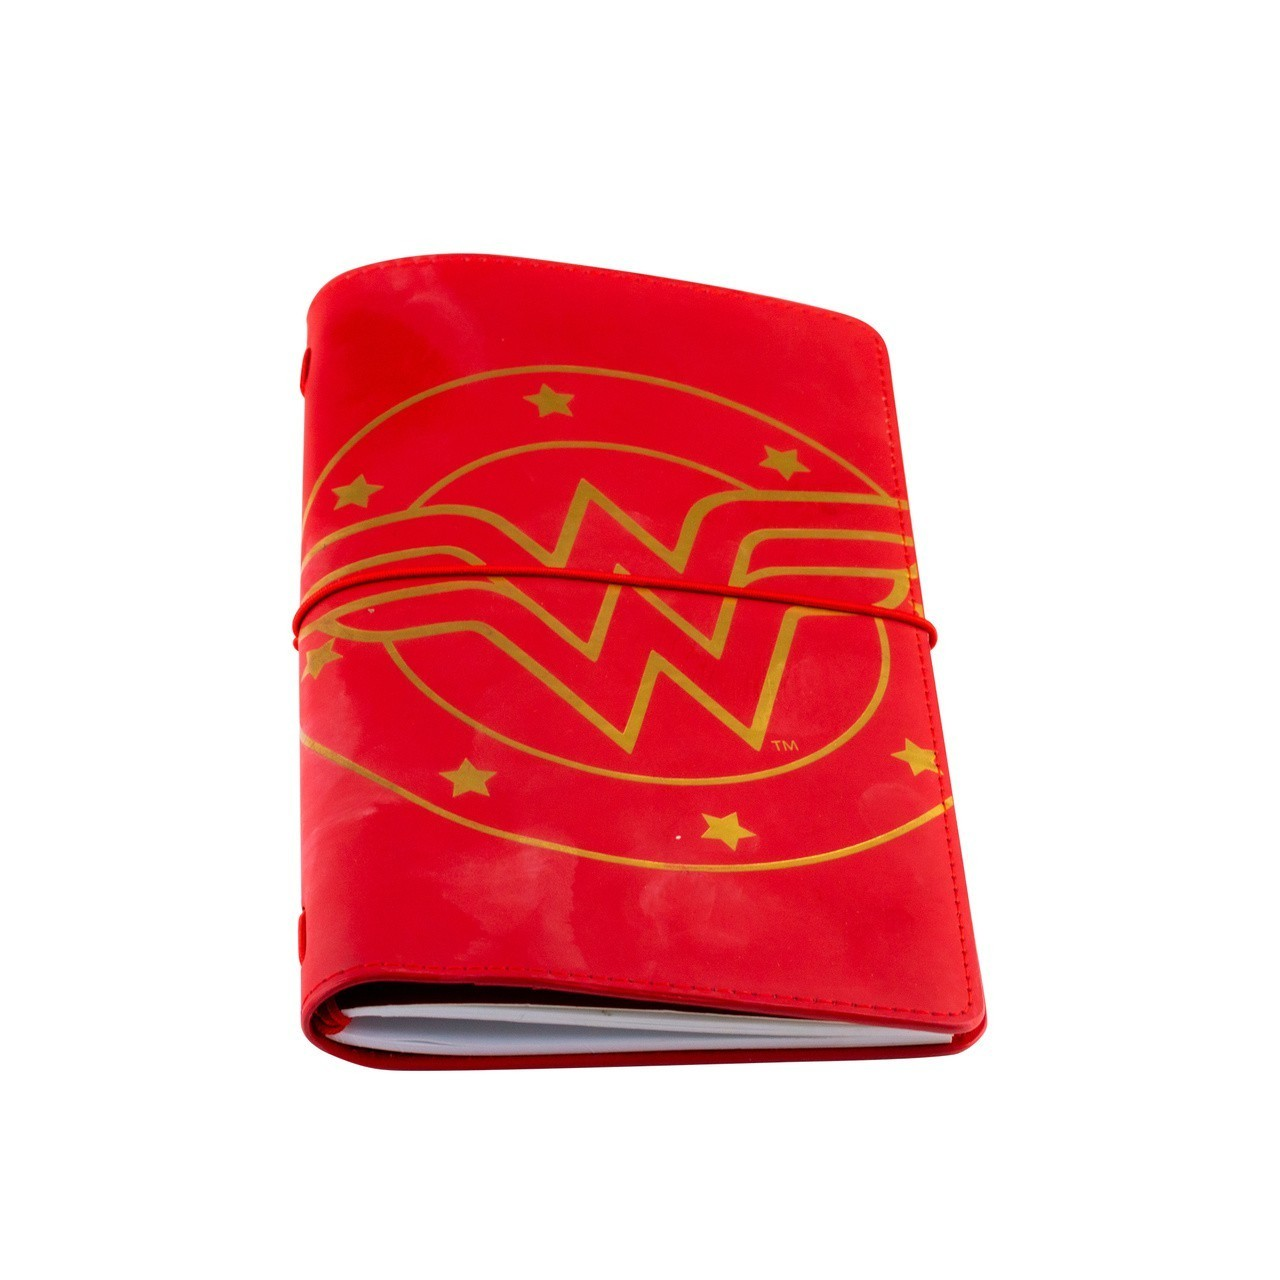 Carteira Com Caderneta Vermelha: Mulher Maravilha DC Comics - Urban